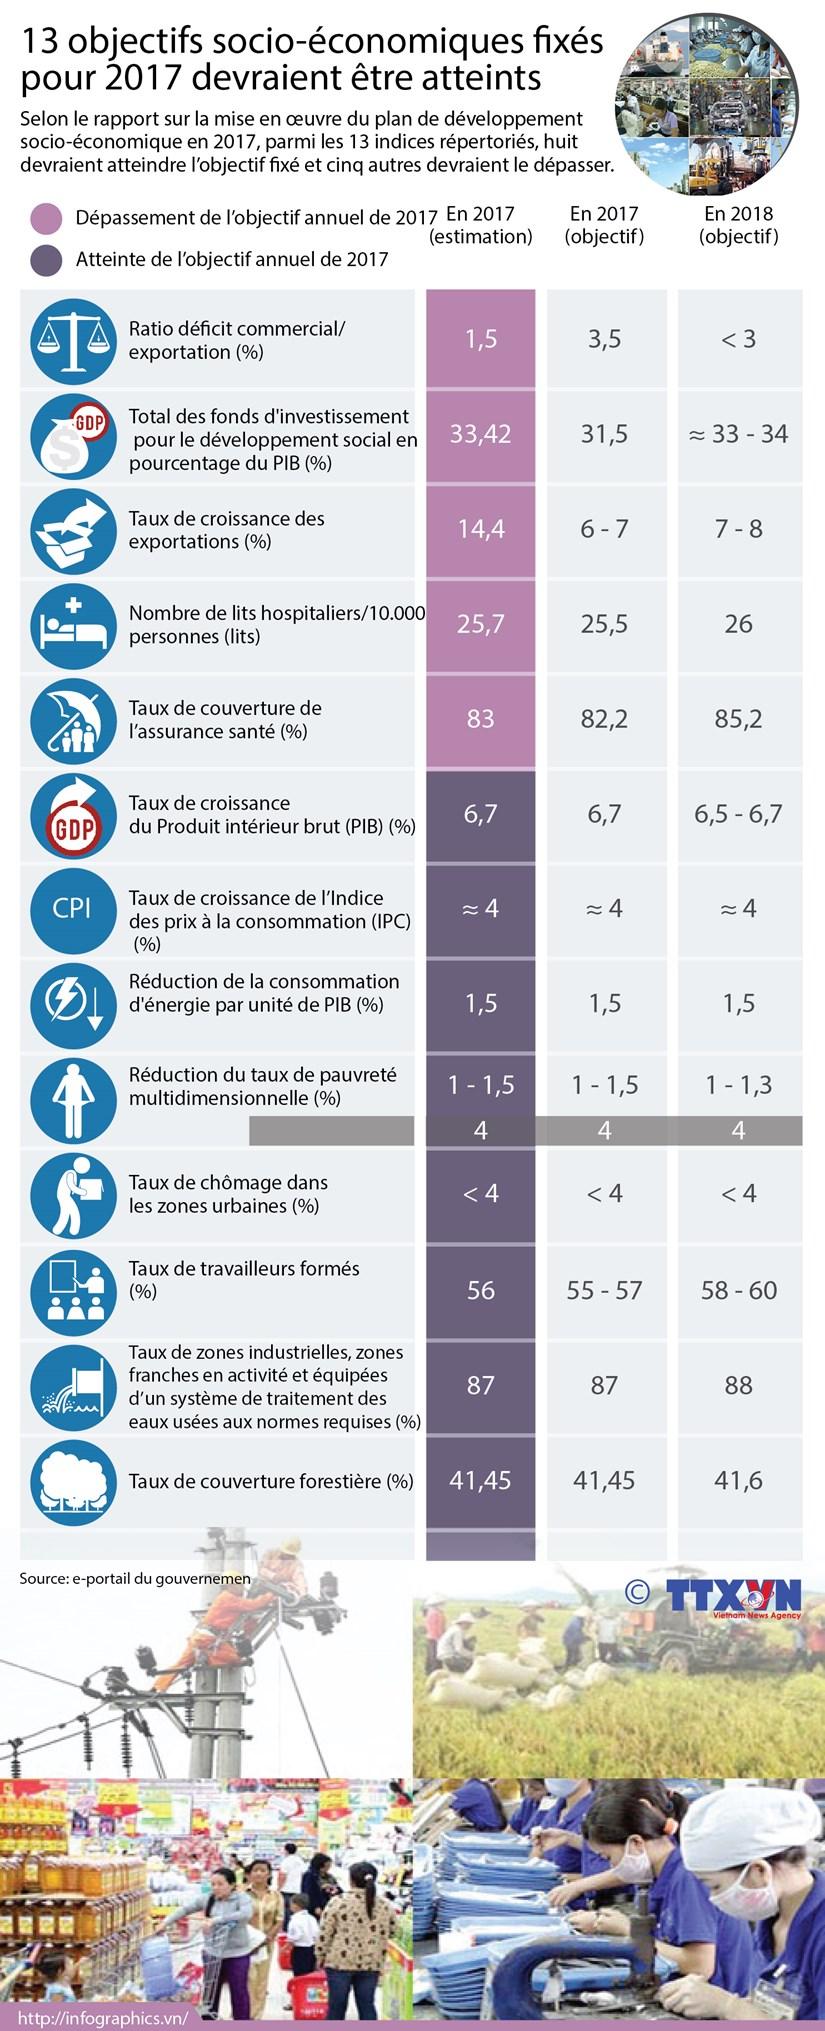 13 objectifs socio-economiques fixes pour 2017 devraient etre atteints hinh anh 1